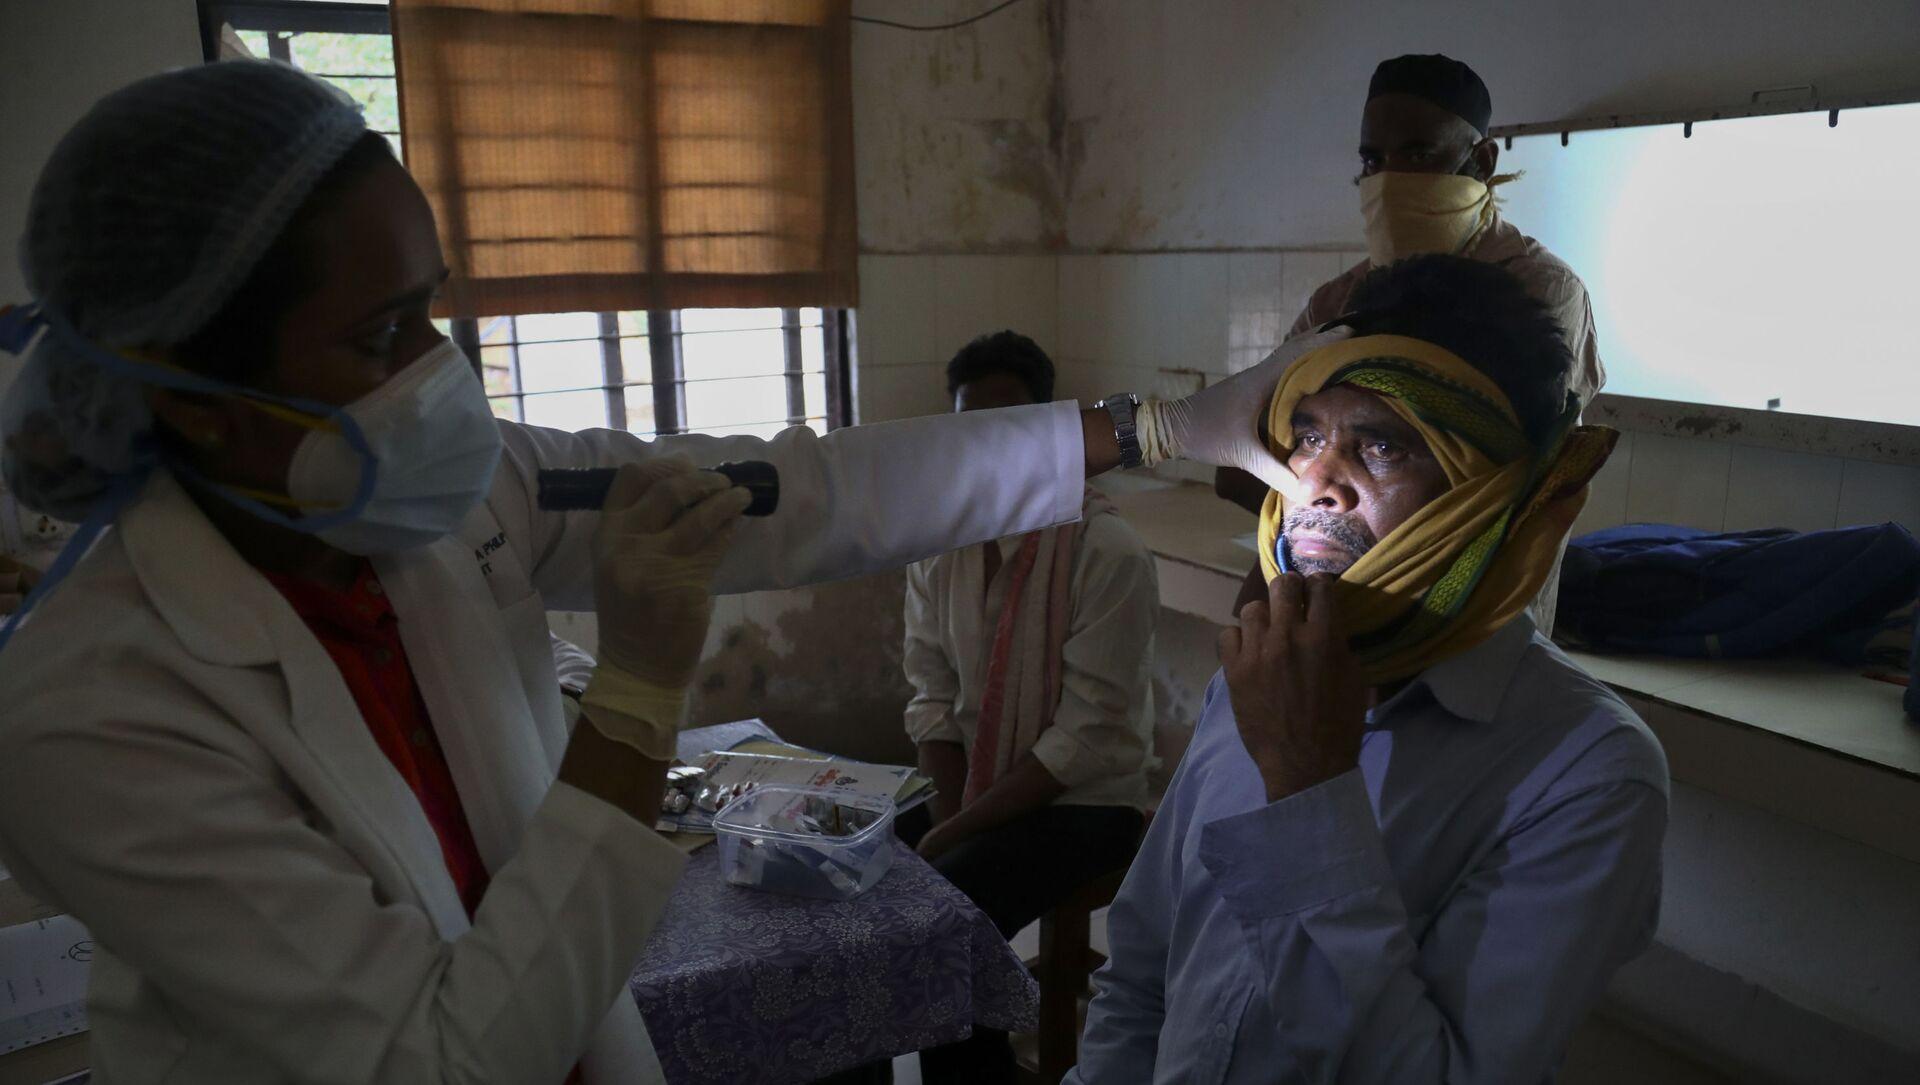 Un médecin indien examine un patient ayant guéri du Covid-19, mais atteint de mucormycose, le 20 mai 2021 - Sputnik France, 1920, 08.09.2021